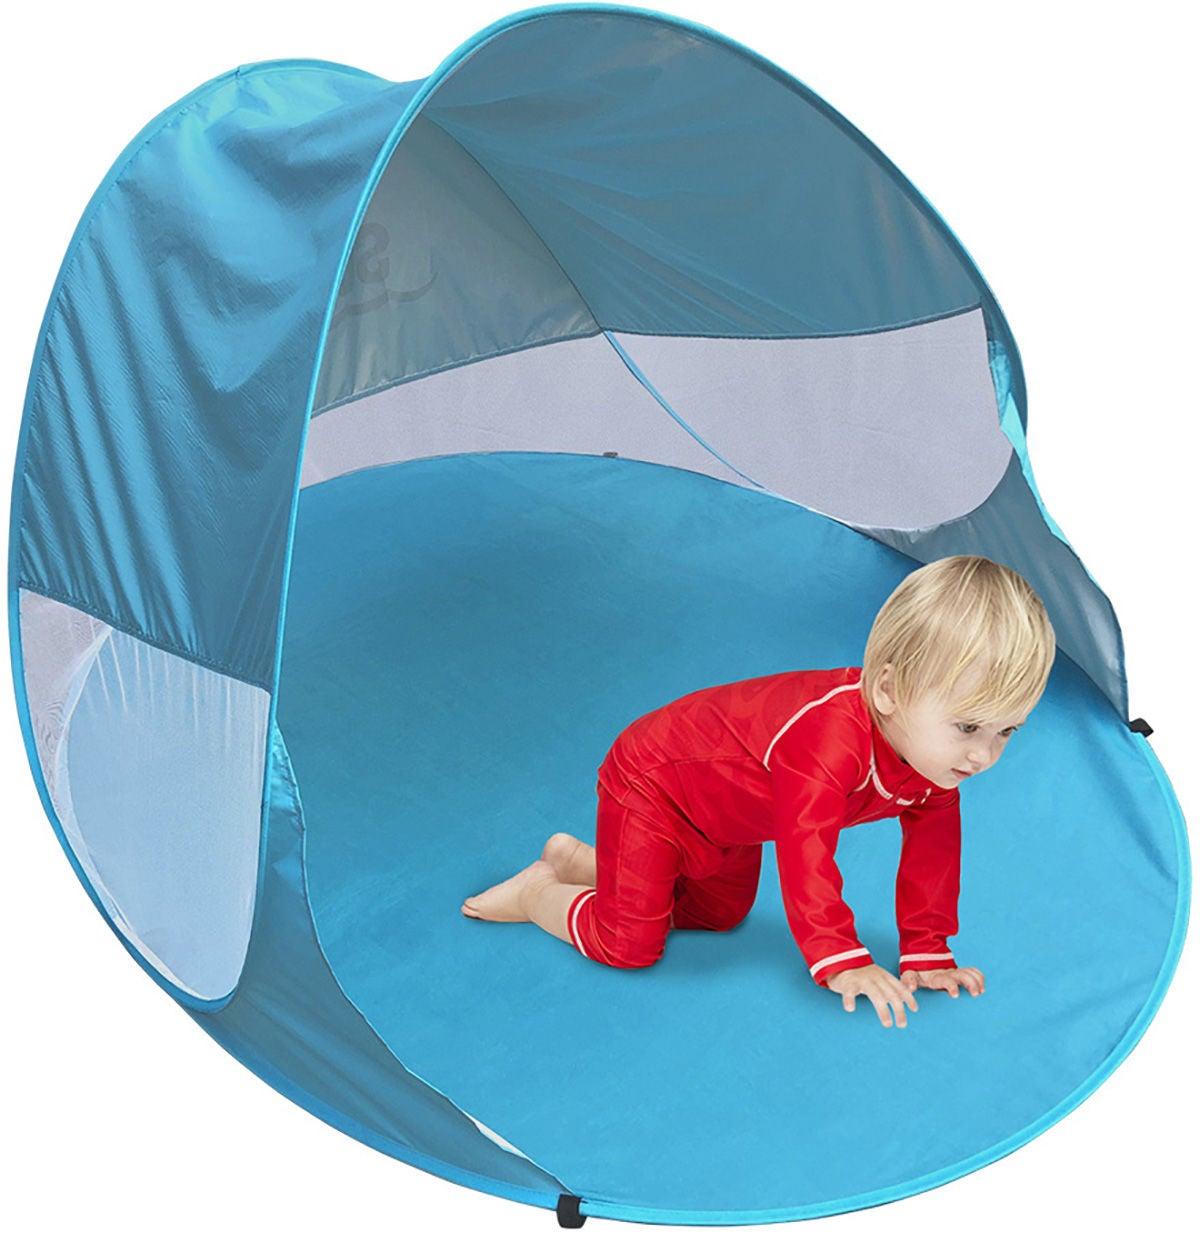 Swimpy UV-Tält med Ventilation, Turkos